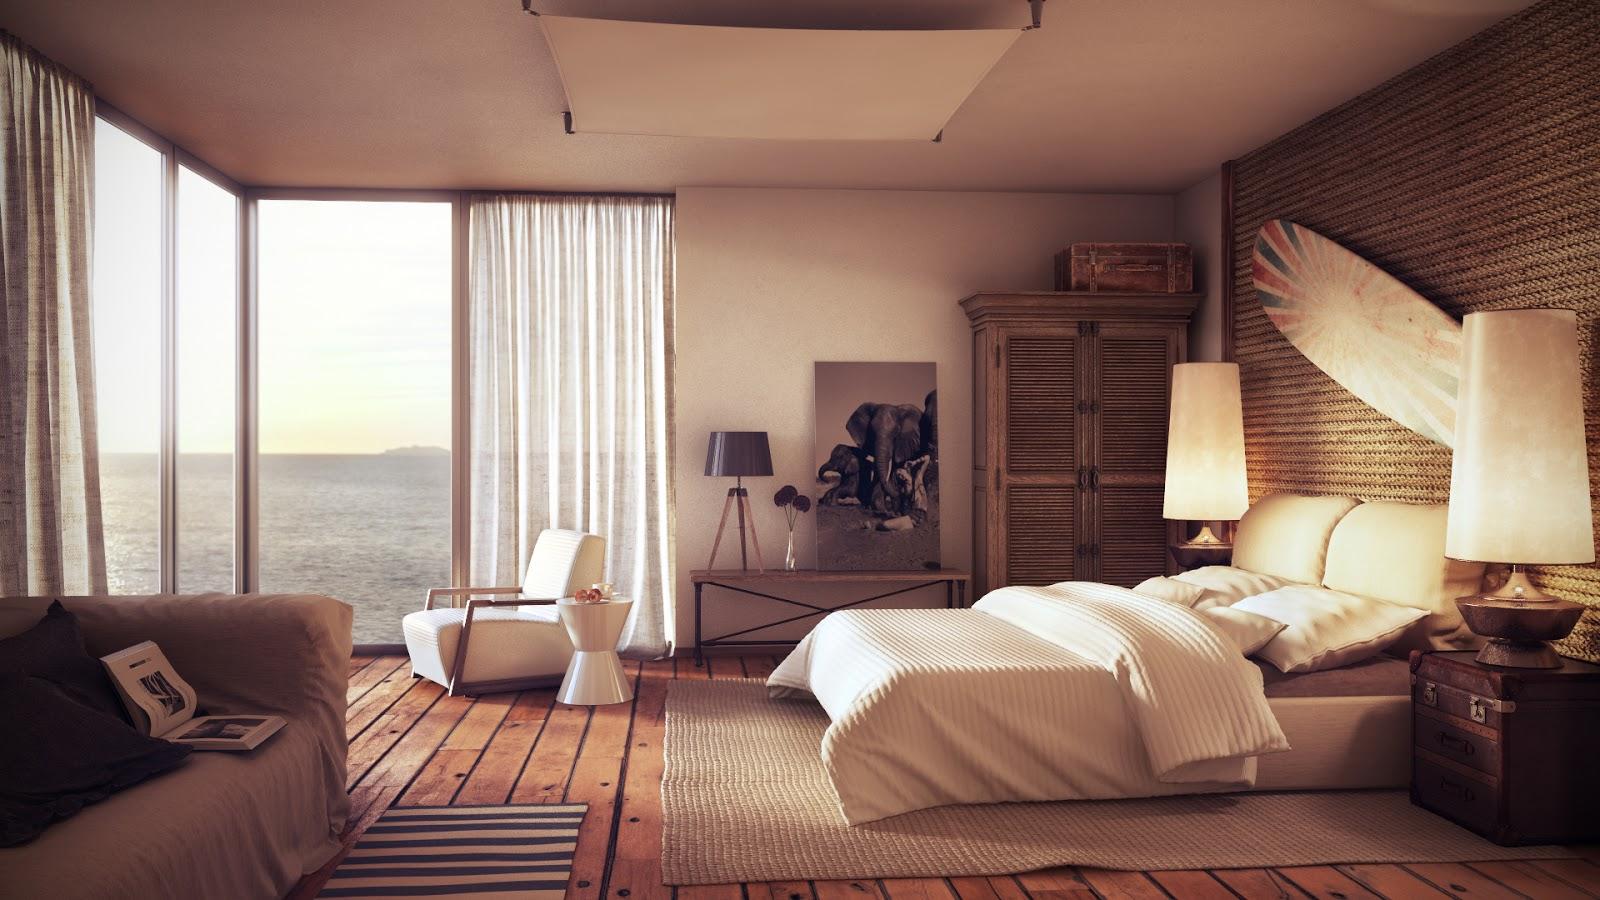 Просторная современная спальня в спокойных тонах